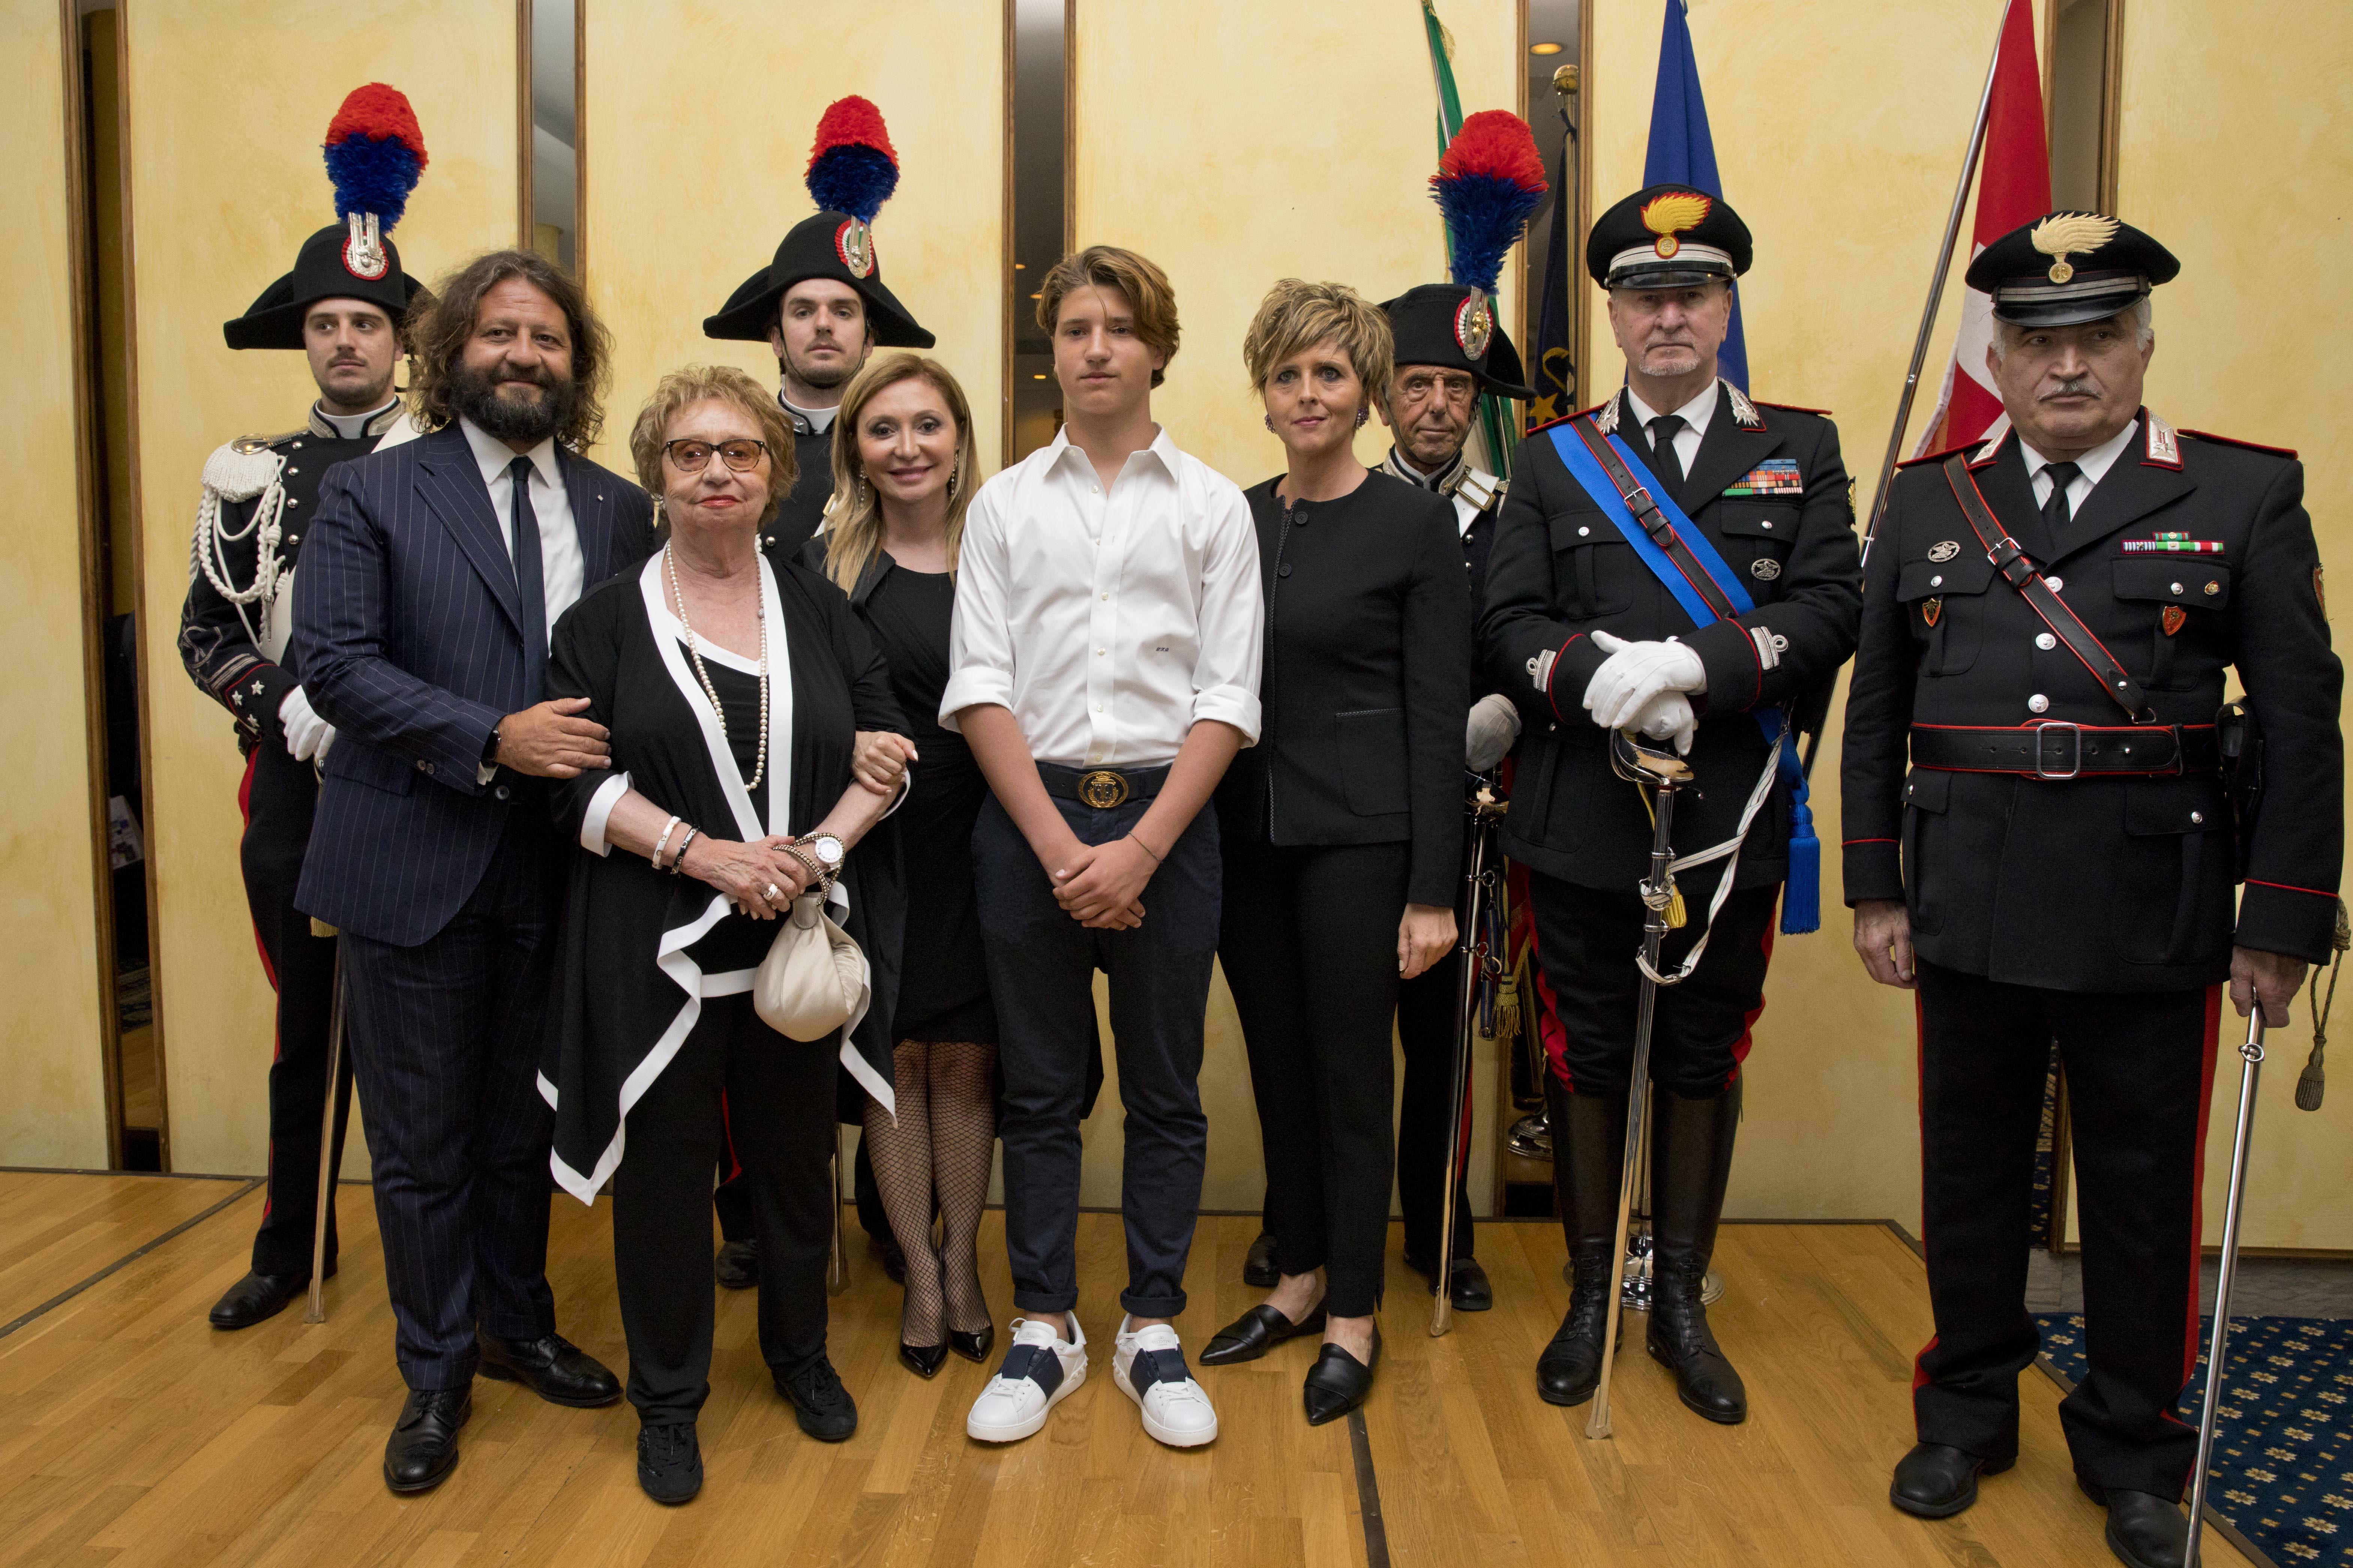 Da sinistra - Guido Damiani, Gabriella Damiani, Silvia Damiani, Leonardo Damiani e l'onorevole Erica Mazzetti